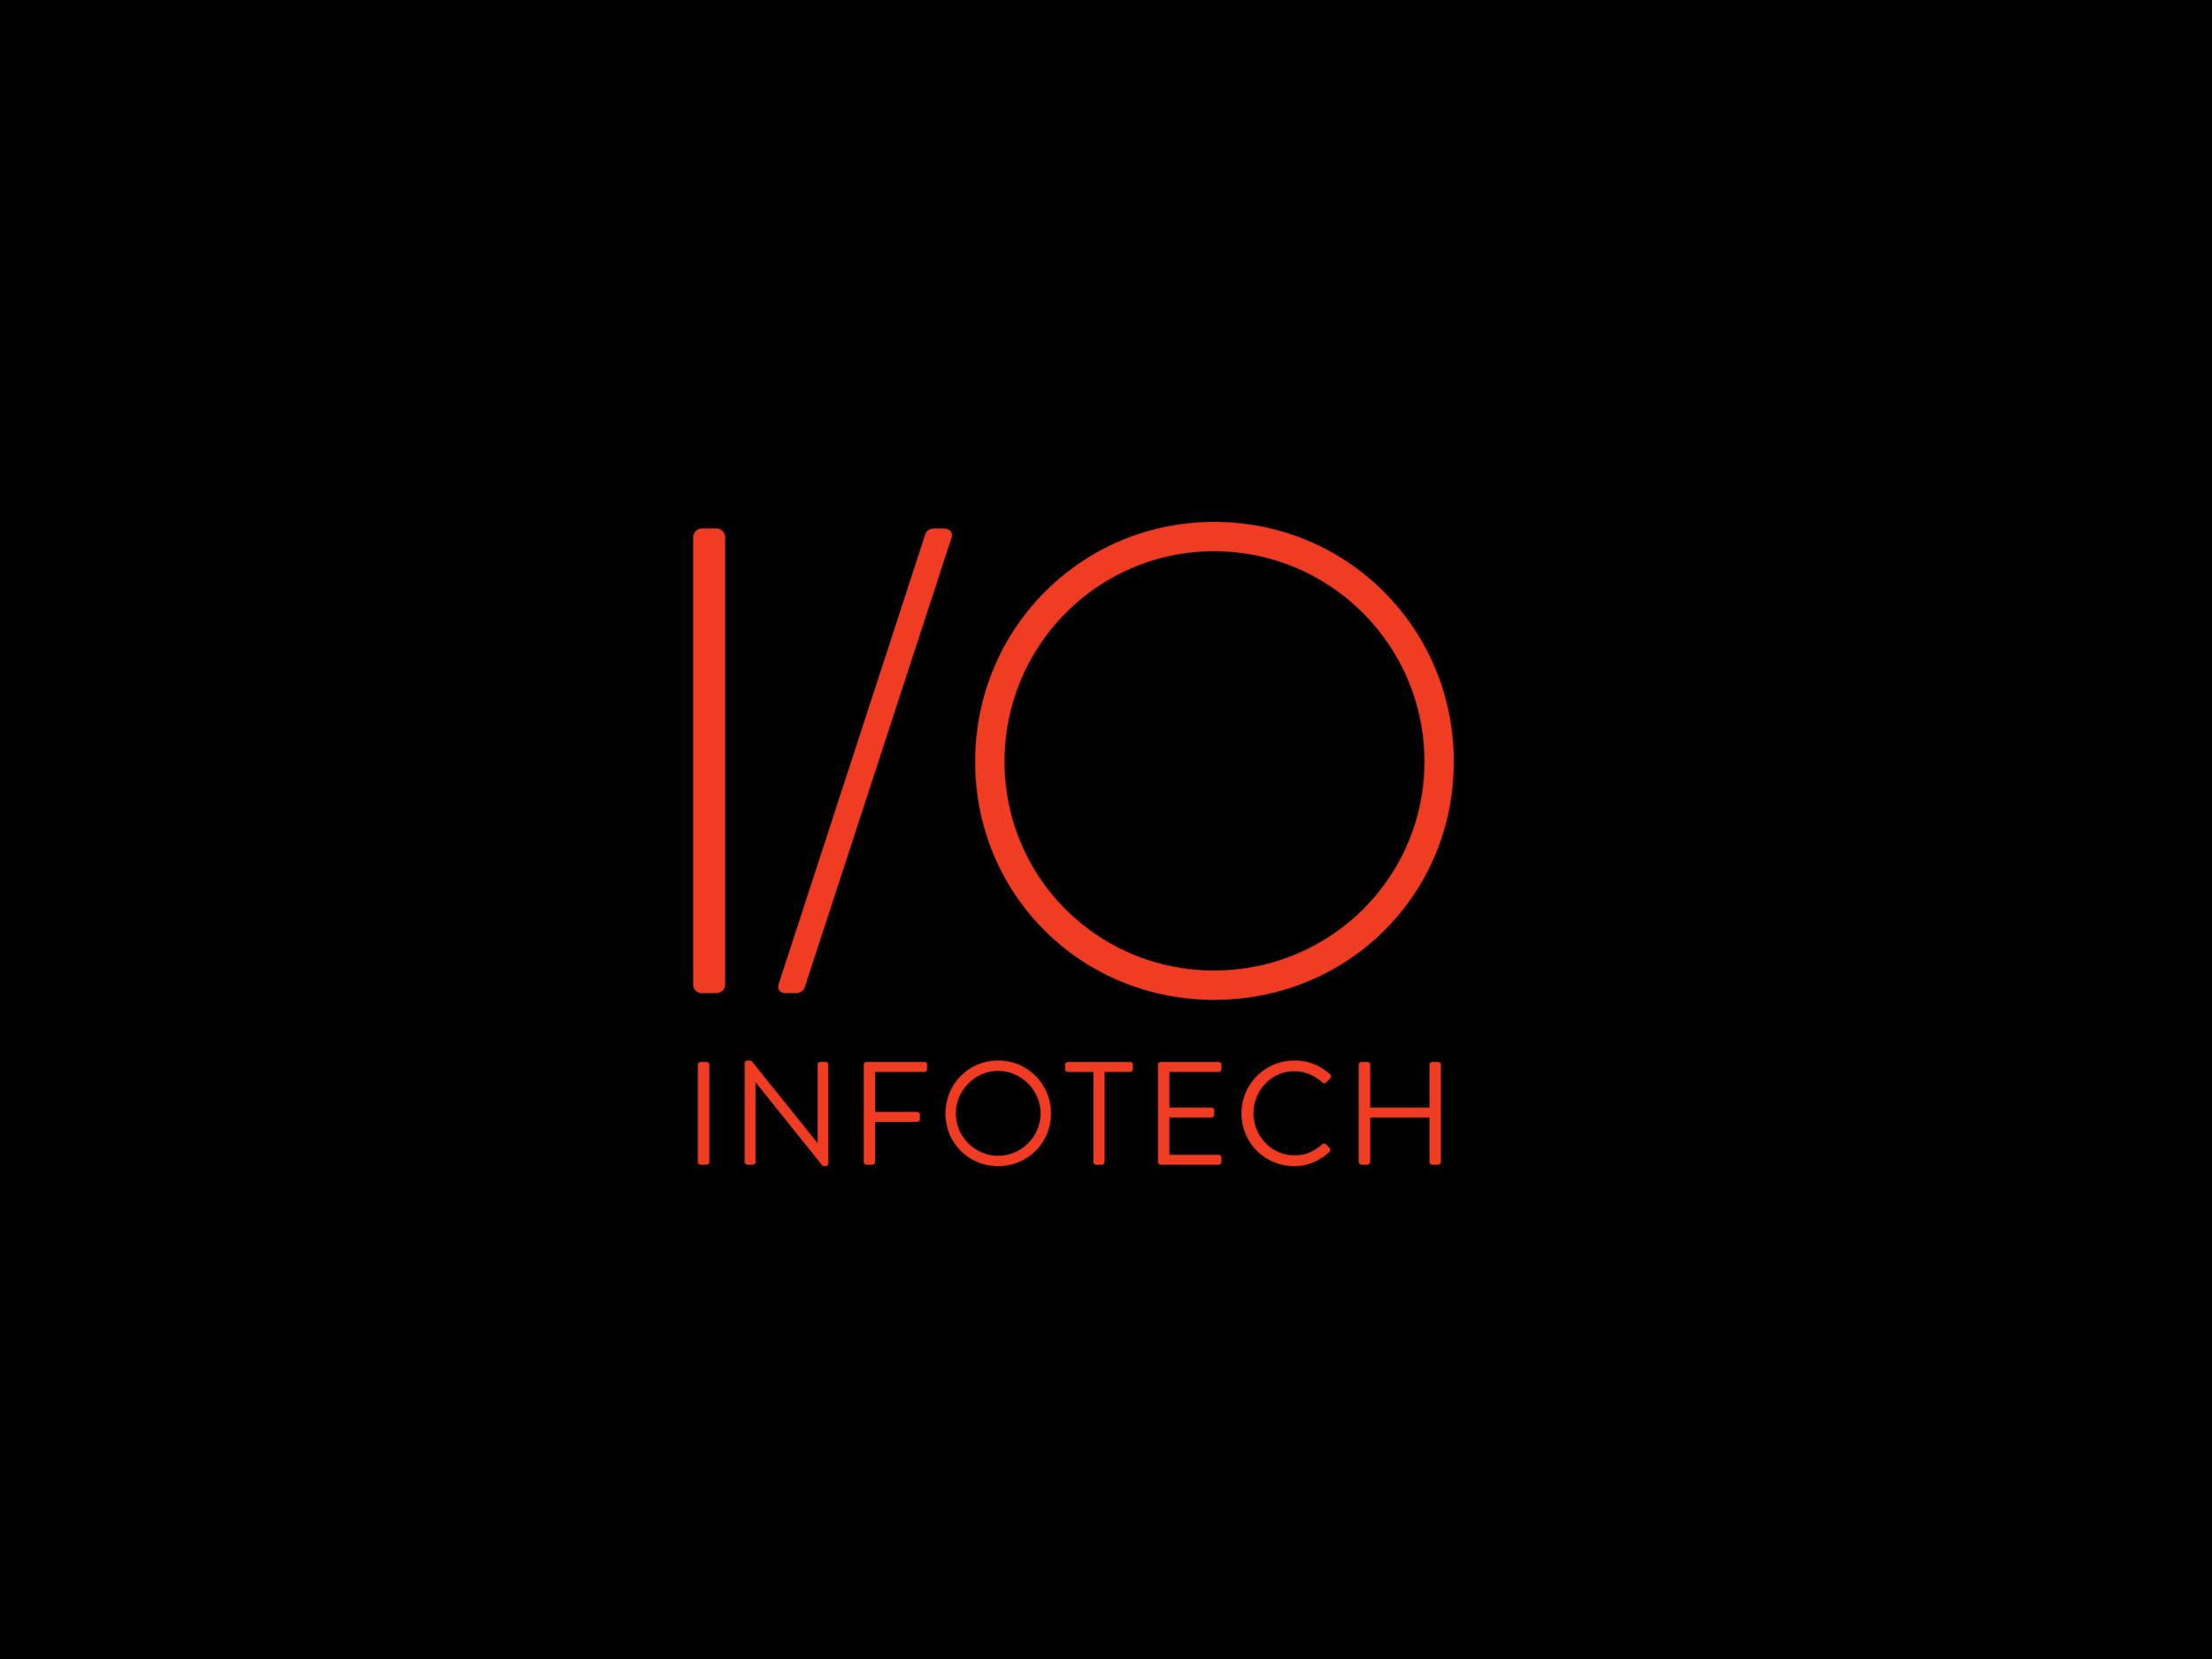 I/O Infotech